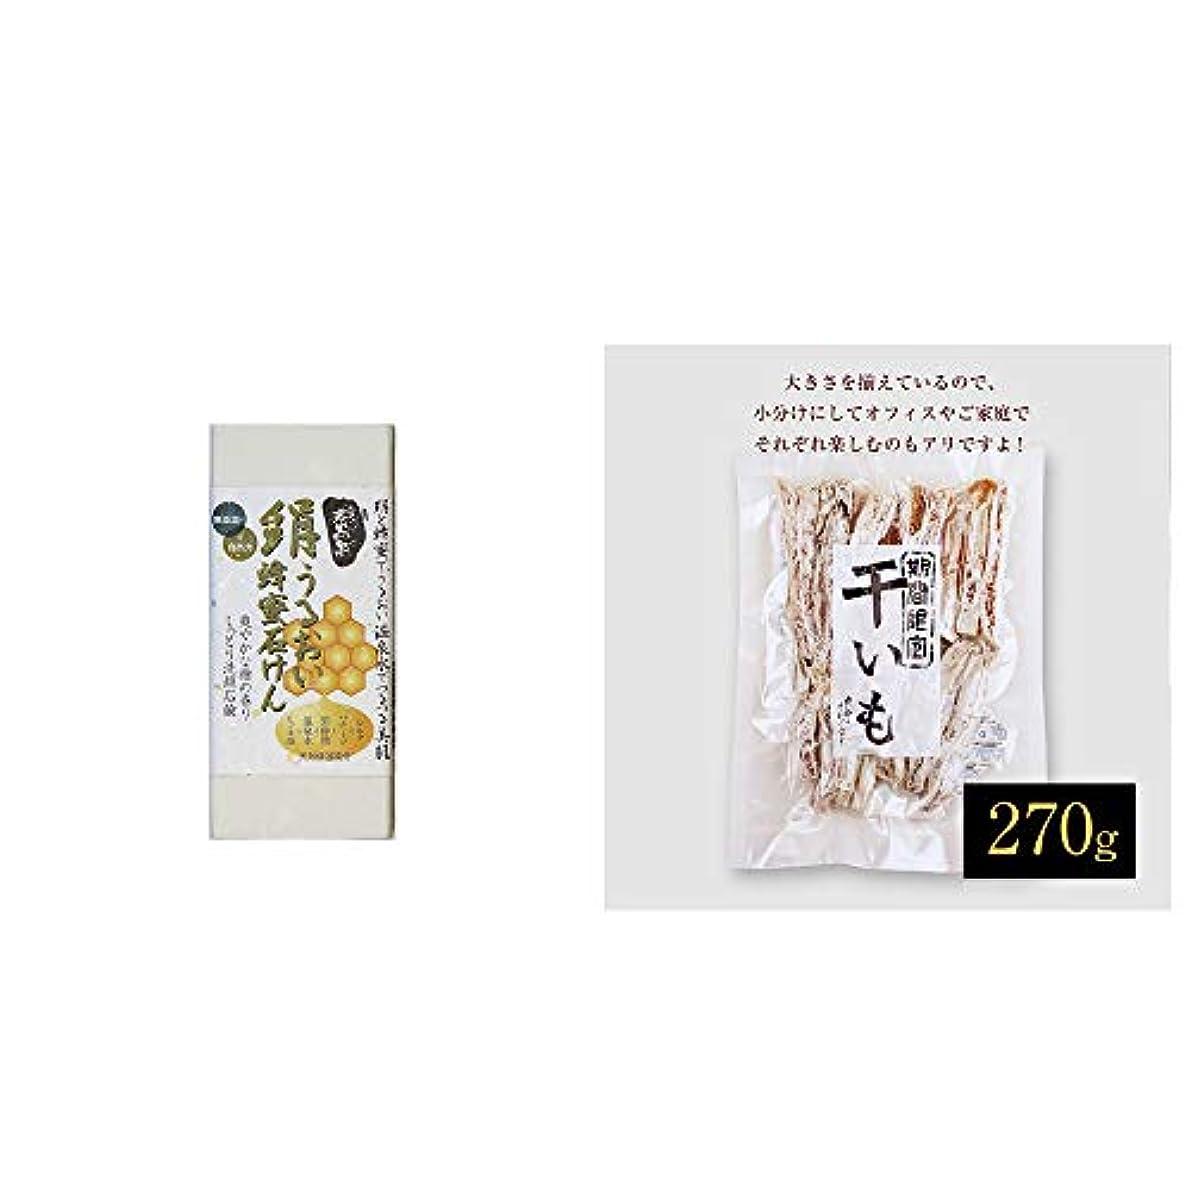 クリア誇張自動[2点セット] ひのき炭黒泉 絹うるおい蜂蜜石けん(75g×2)?干いも(270g)